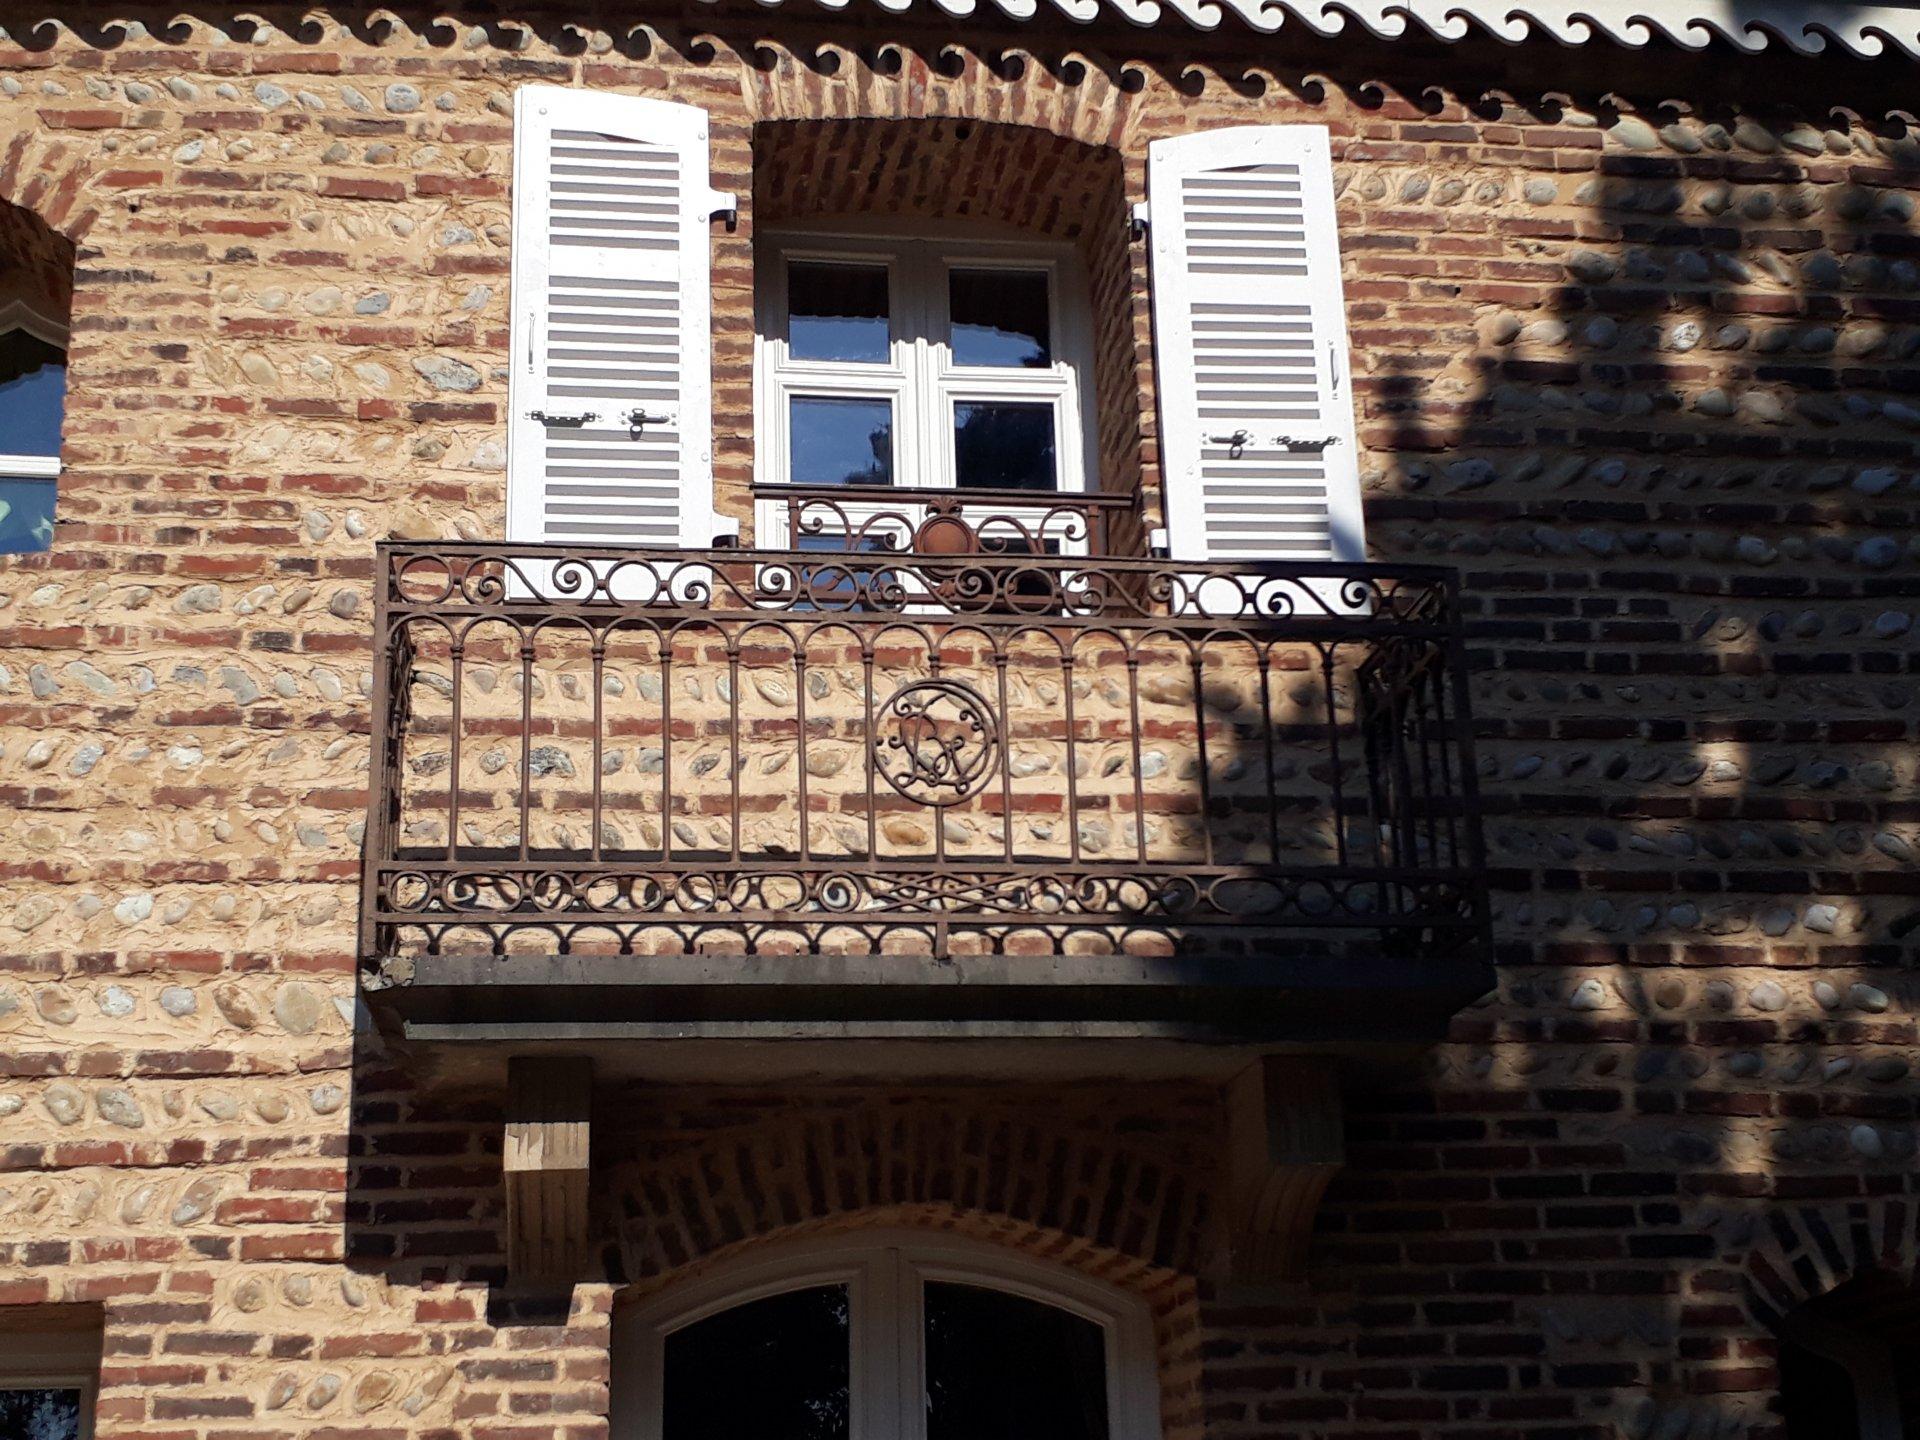 AIN Exceptionnel Chateau restauré